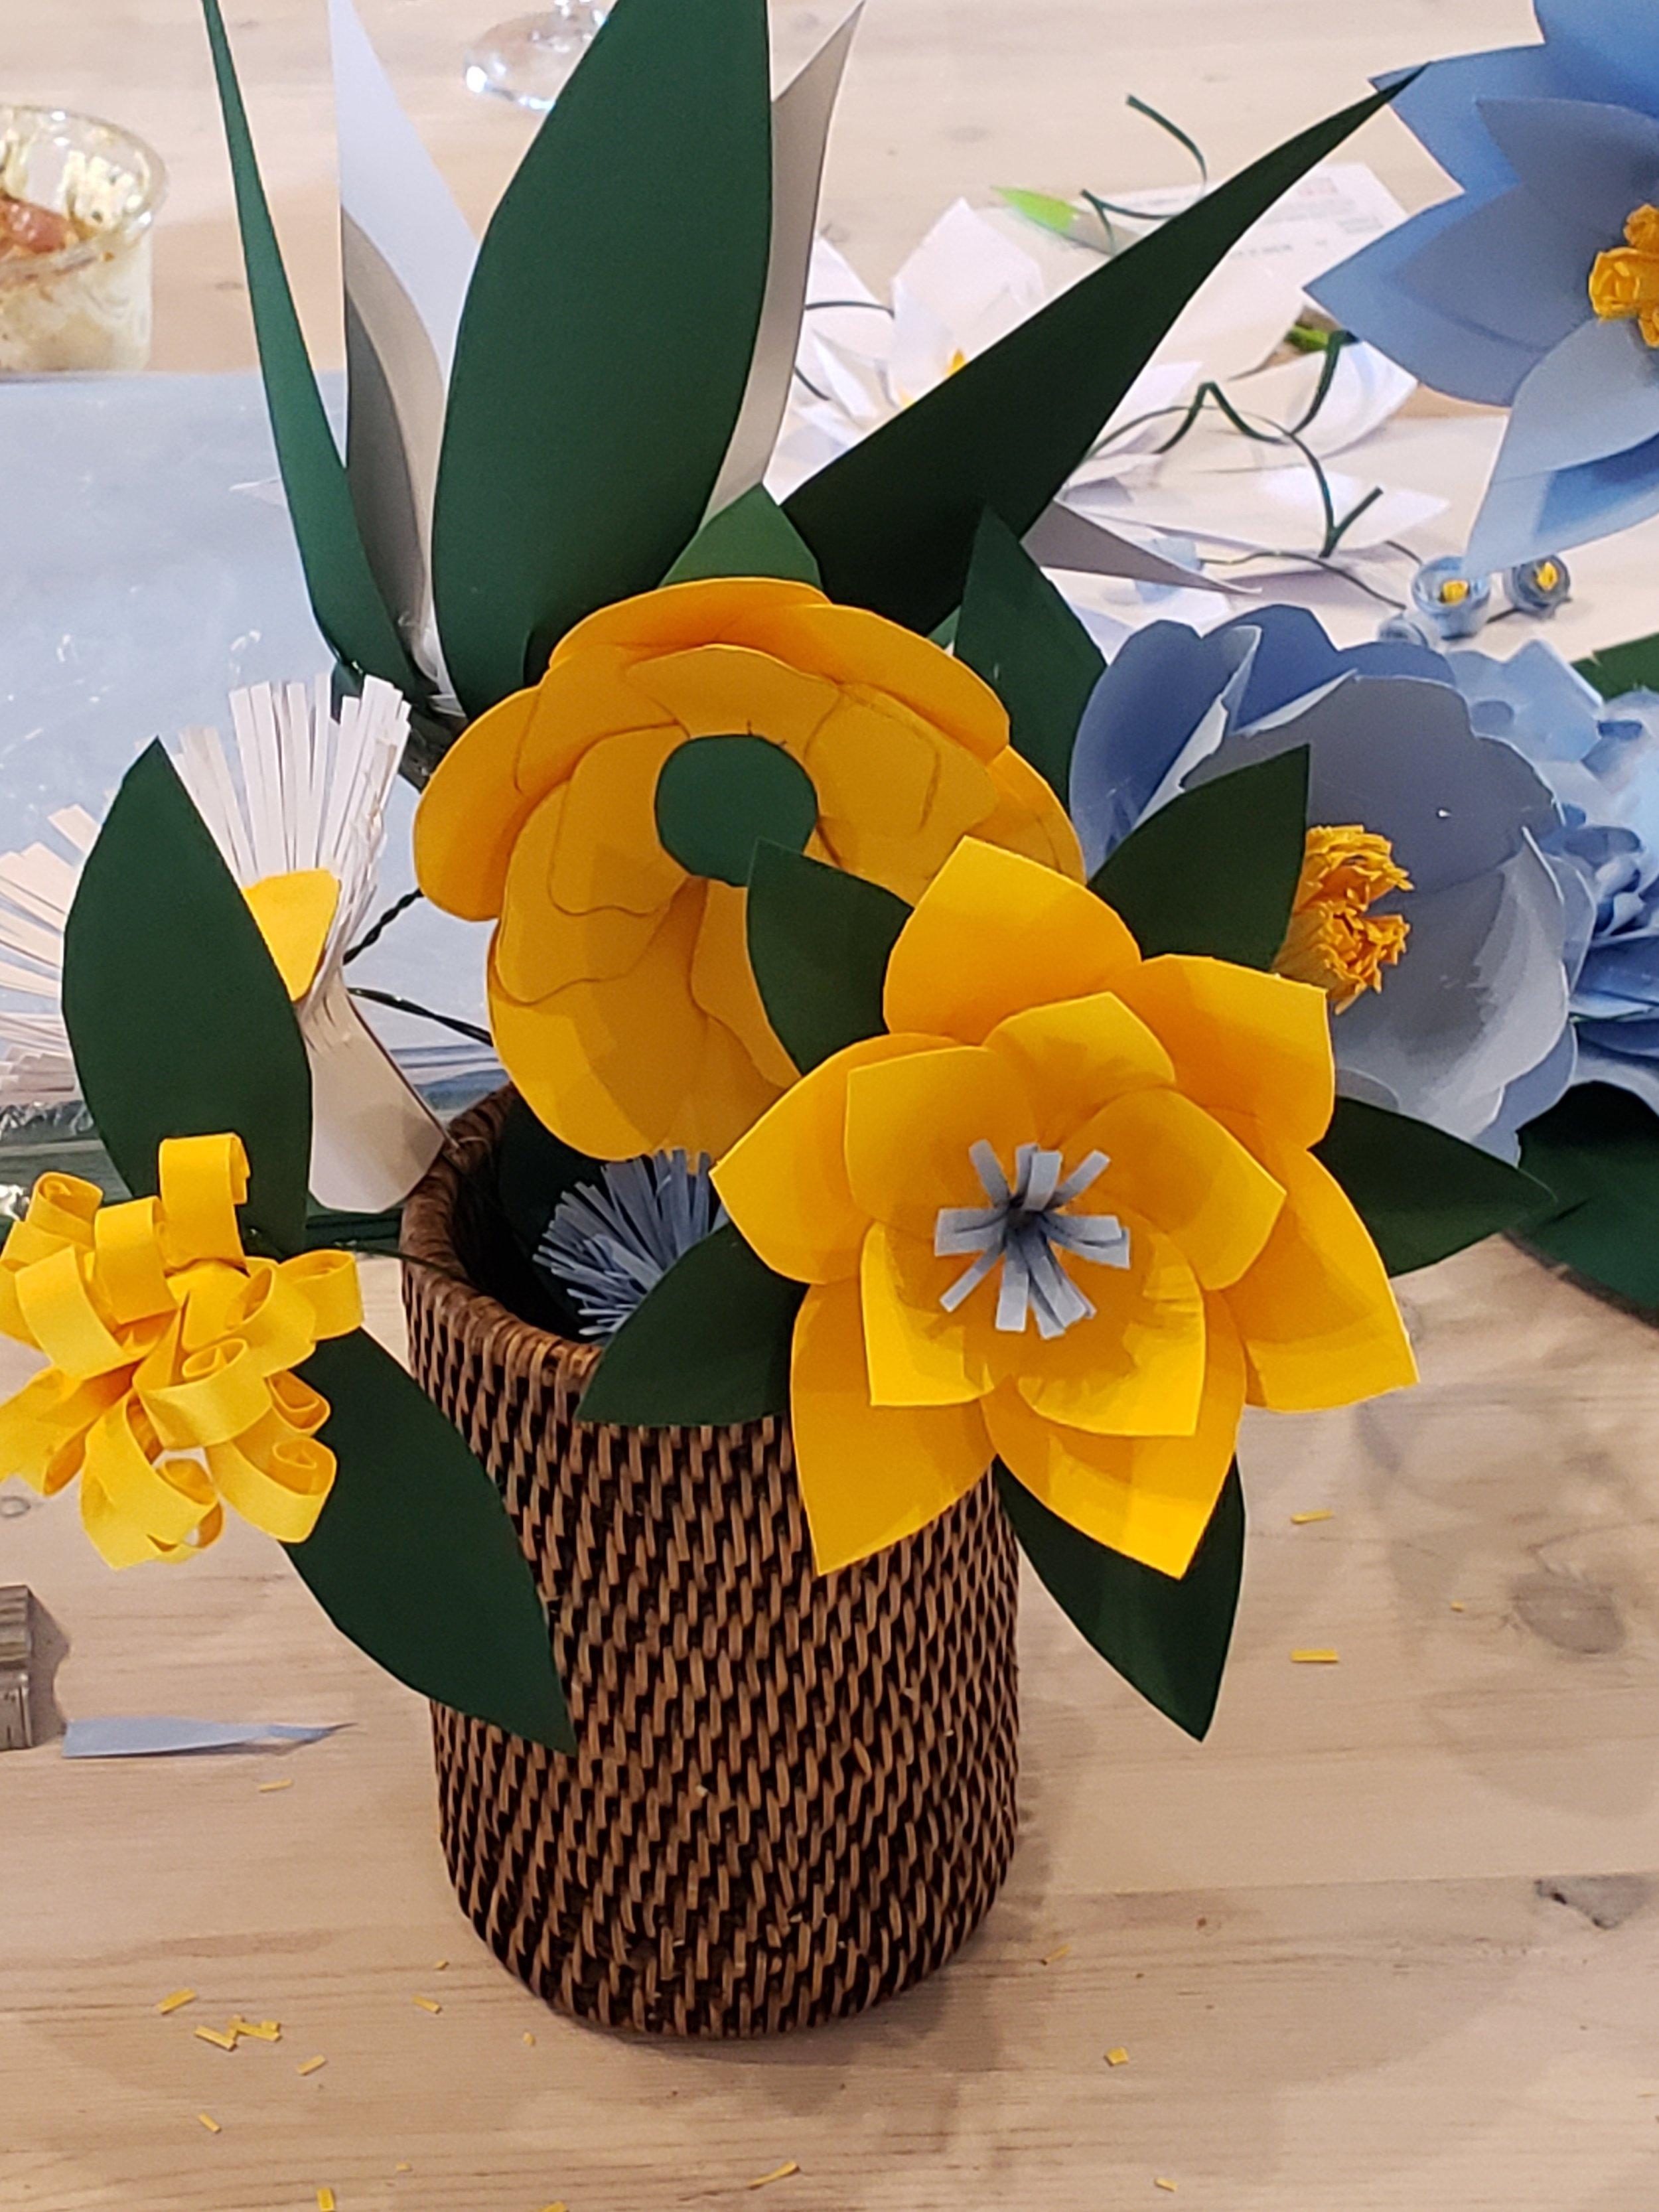 hOW TO make paper flower wedding centrepiece.jpg